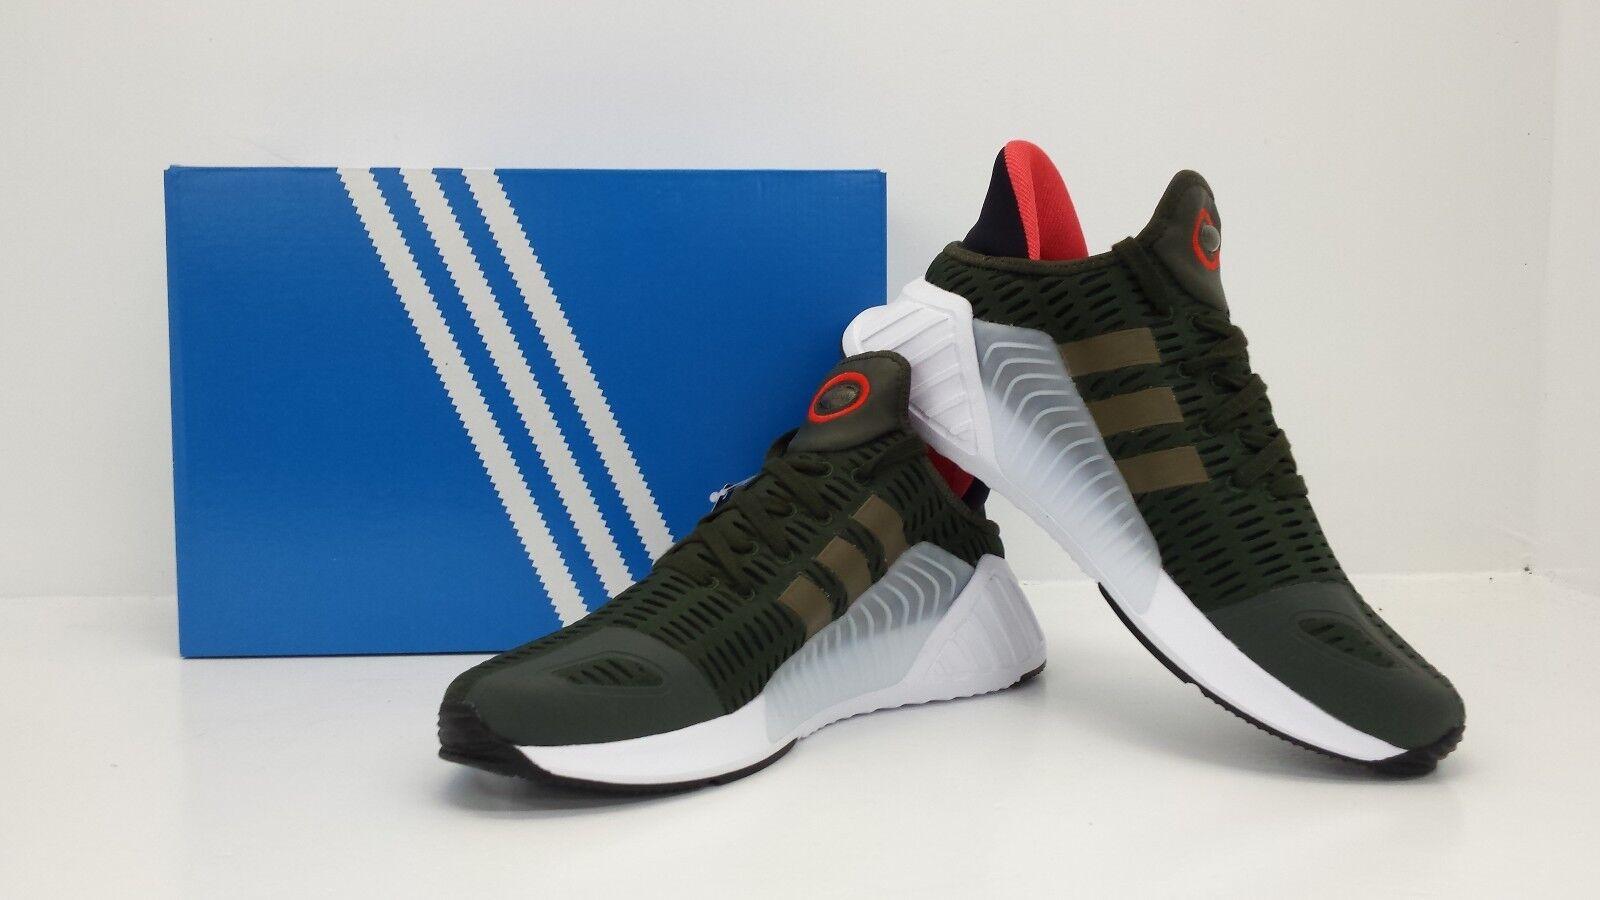 Adidas originali climacool 02 / 17 sera oliva carico / oliva sera cg3345 - nuovo di zecca nella scatola! 60f77d